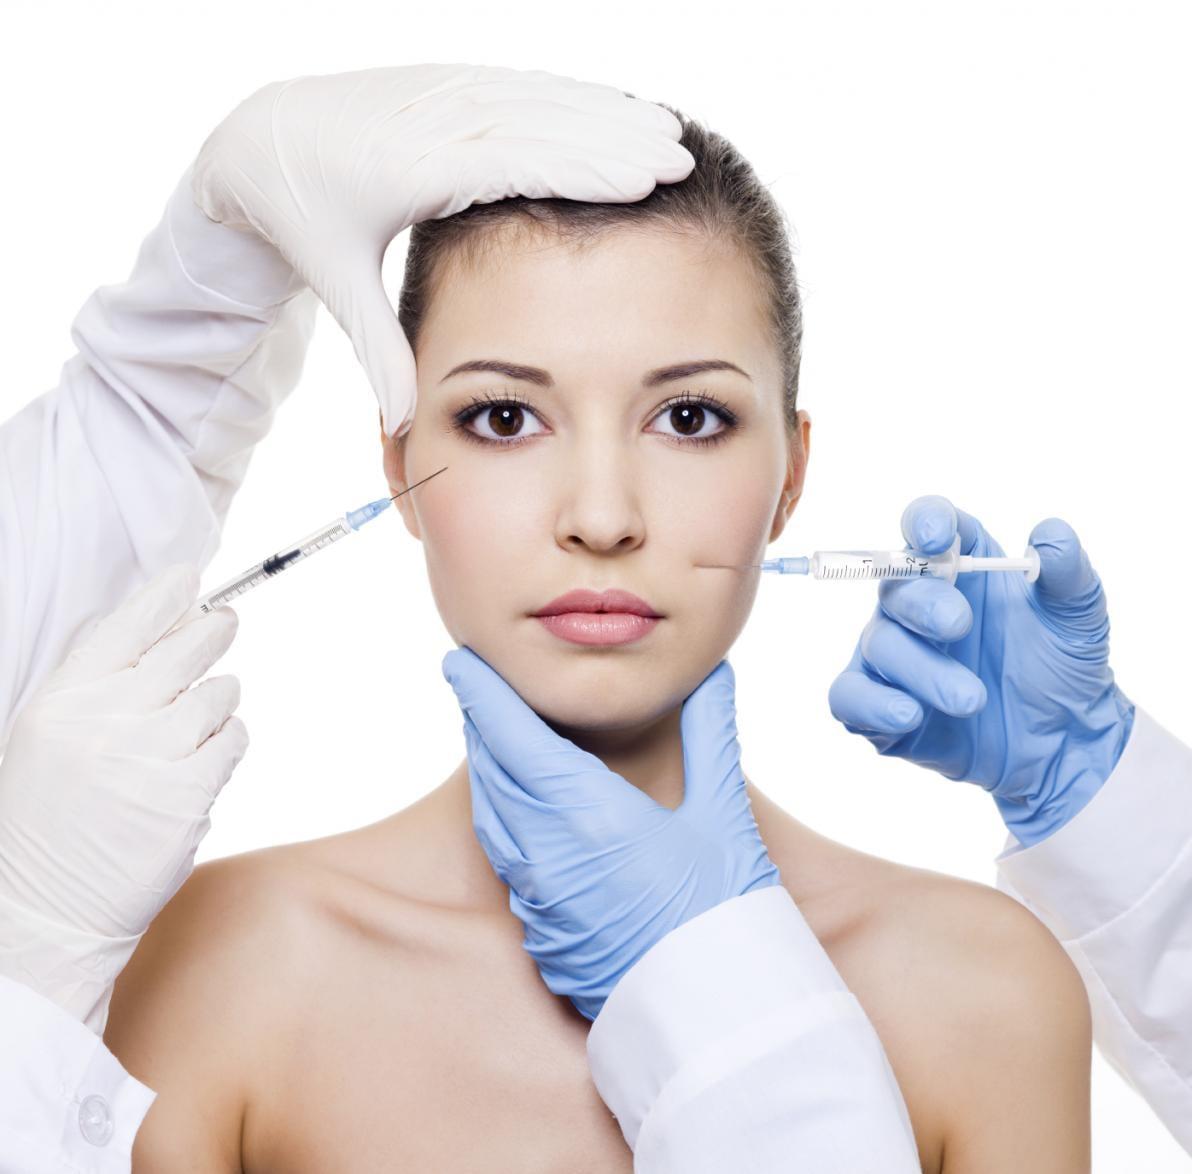 Botulino in medicina estetica